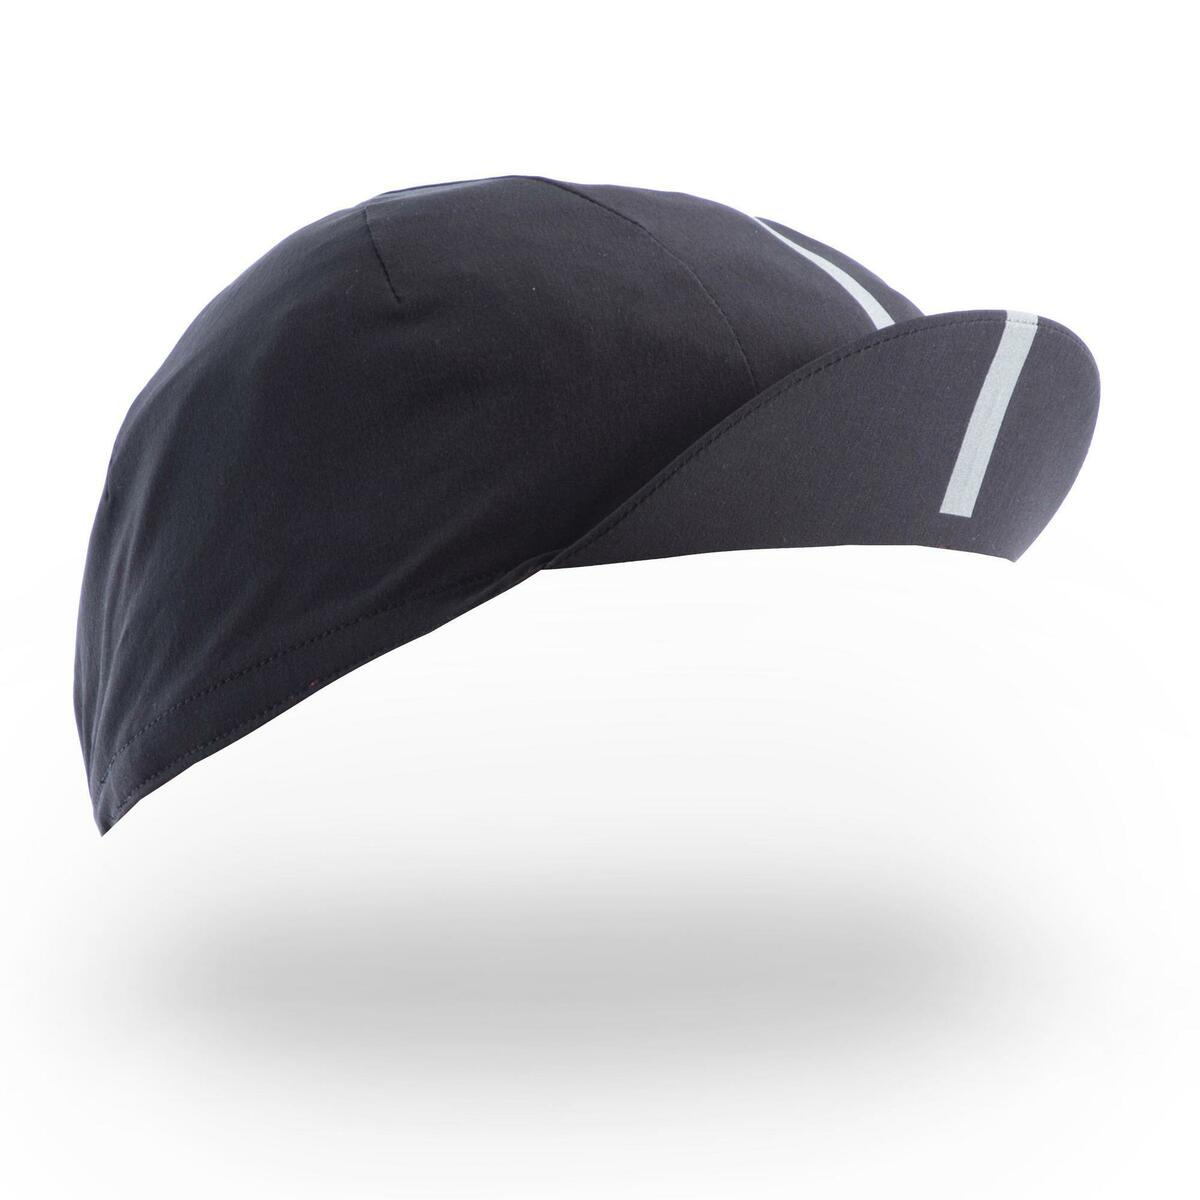 Bild 1 von Fahrrad-Mütze Rennrad RR 520 Ultralight schwarz